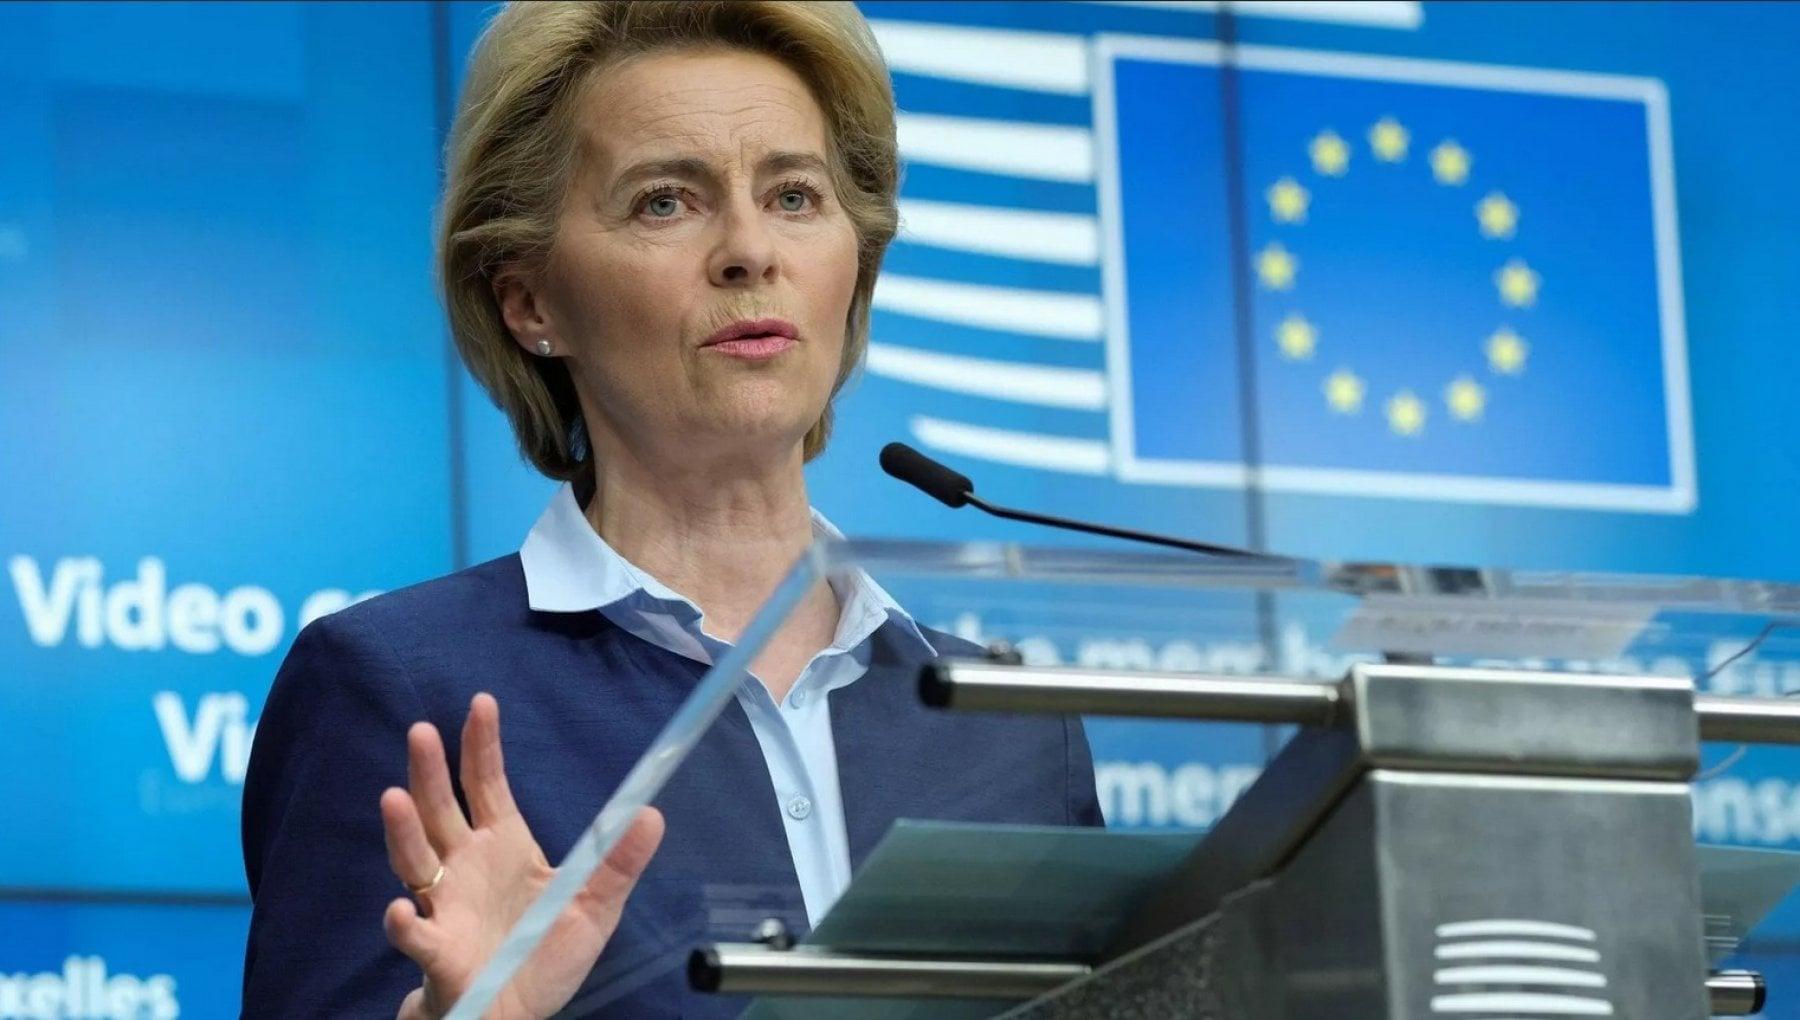 Neanche la pandemia scuote la Commissione Bruxelles inchiodata ancora ai dogmi dellausterita